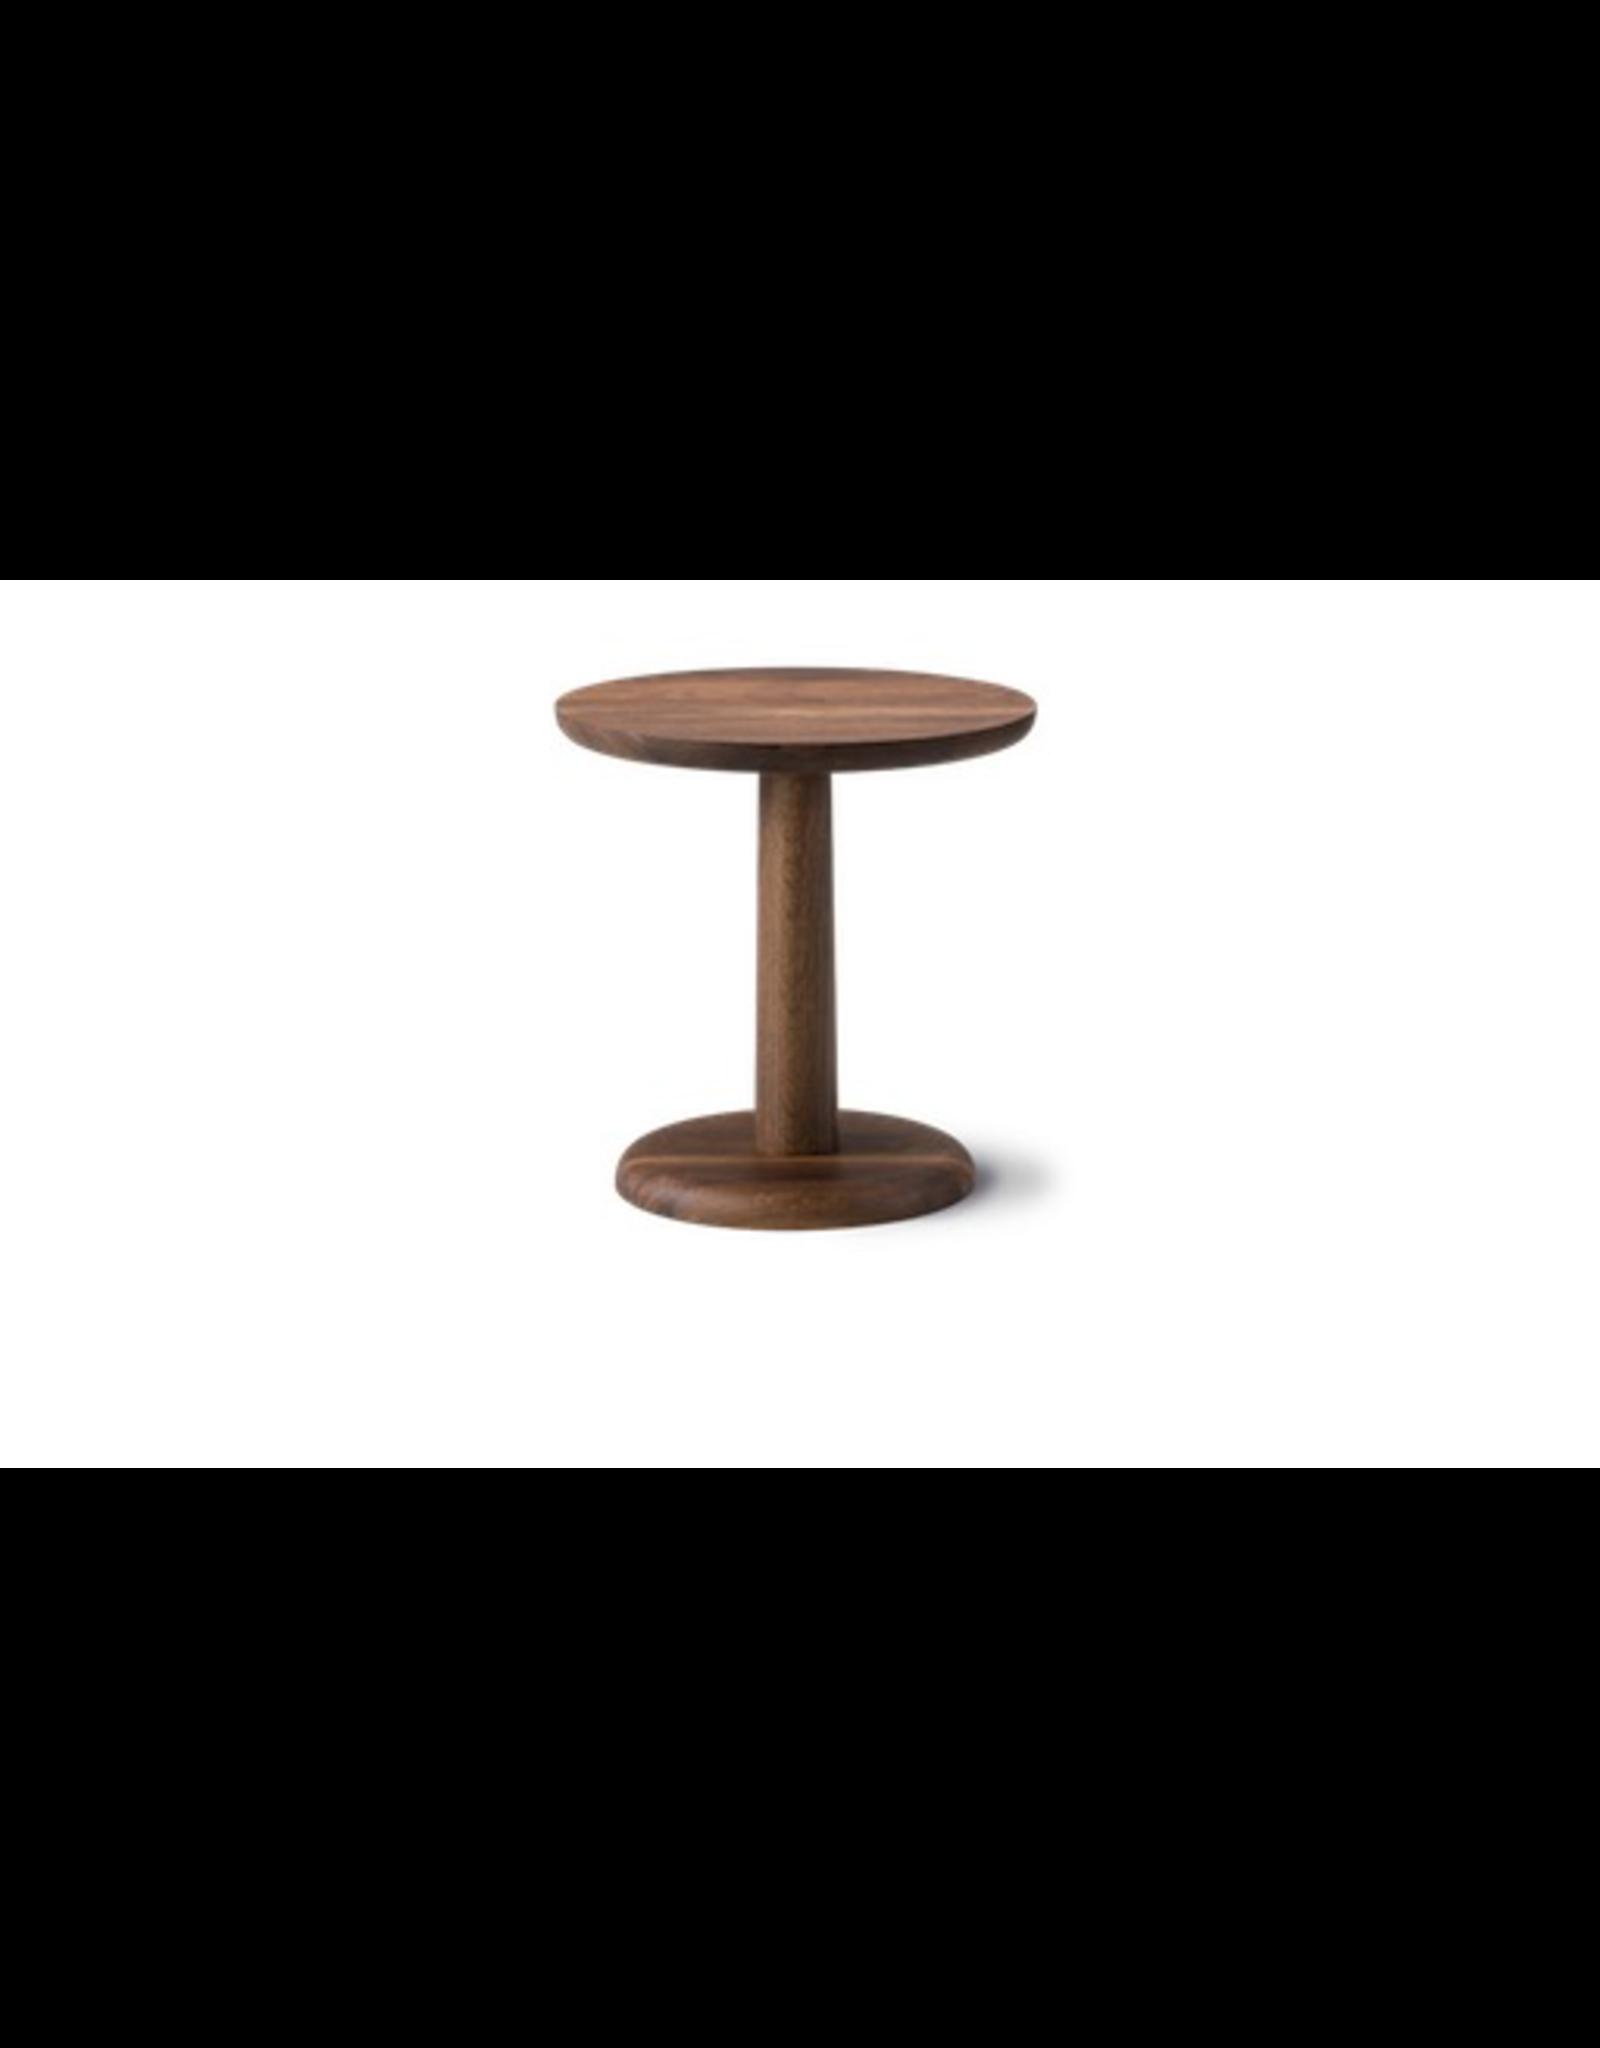 1290 PON 煙燻橡木圓咖啡桌